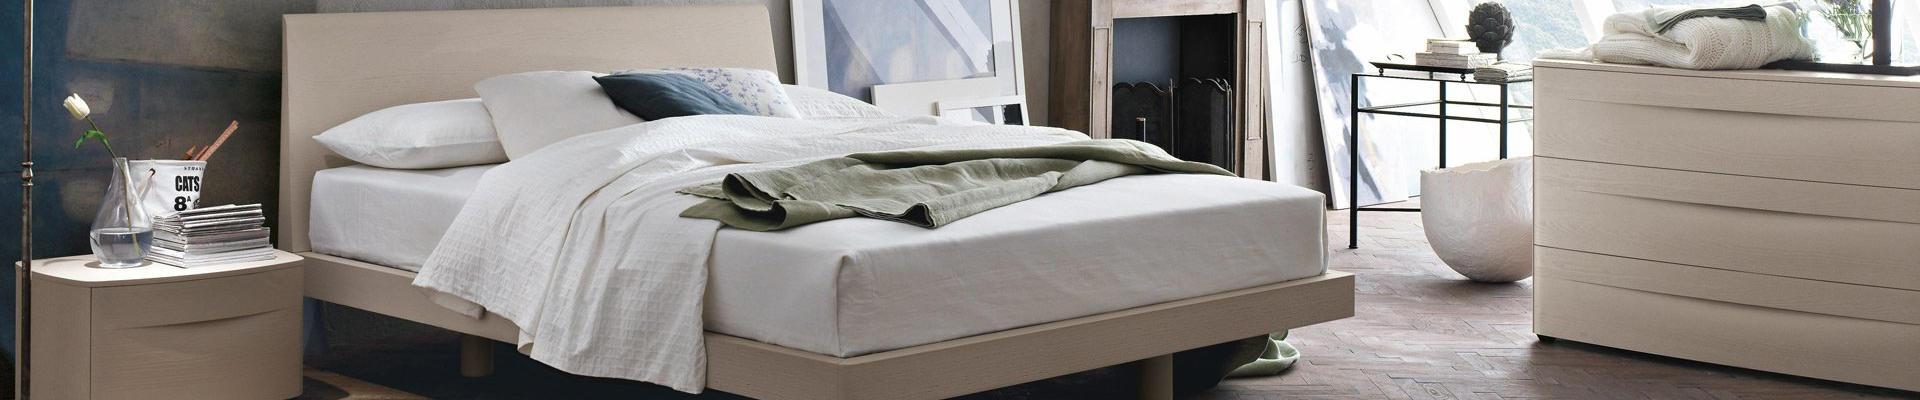 Montorsi arredamenti i migliori brand per le camere da letto - Le migliori camere da letto ...